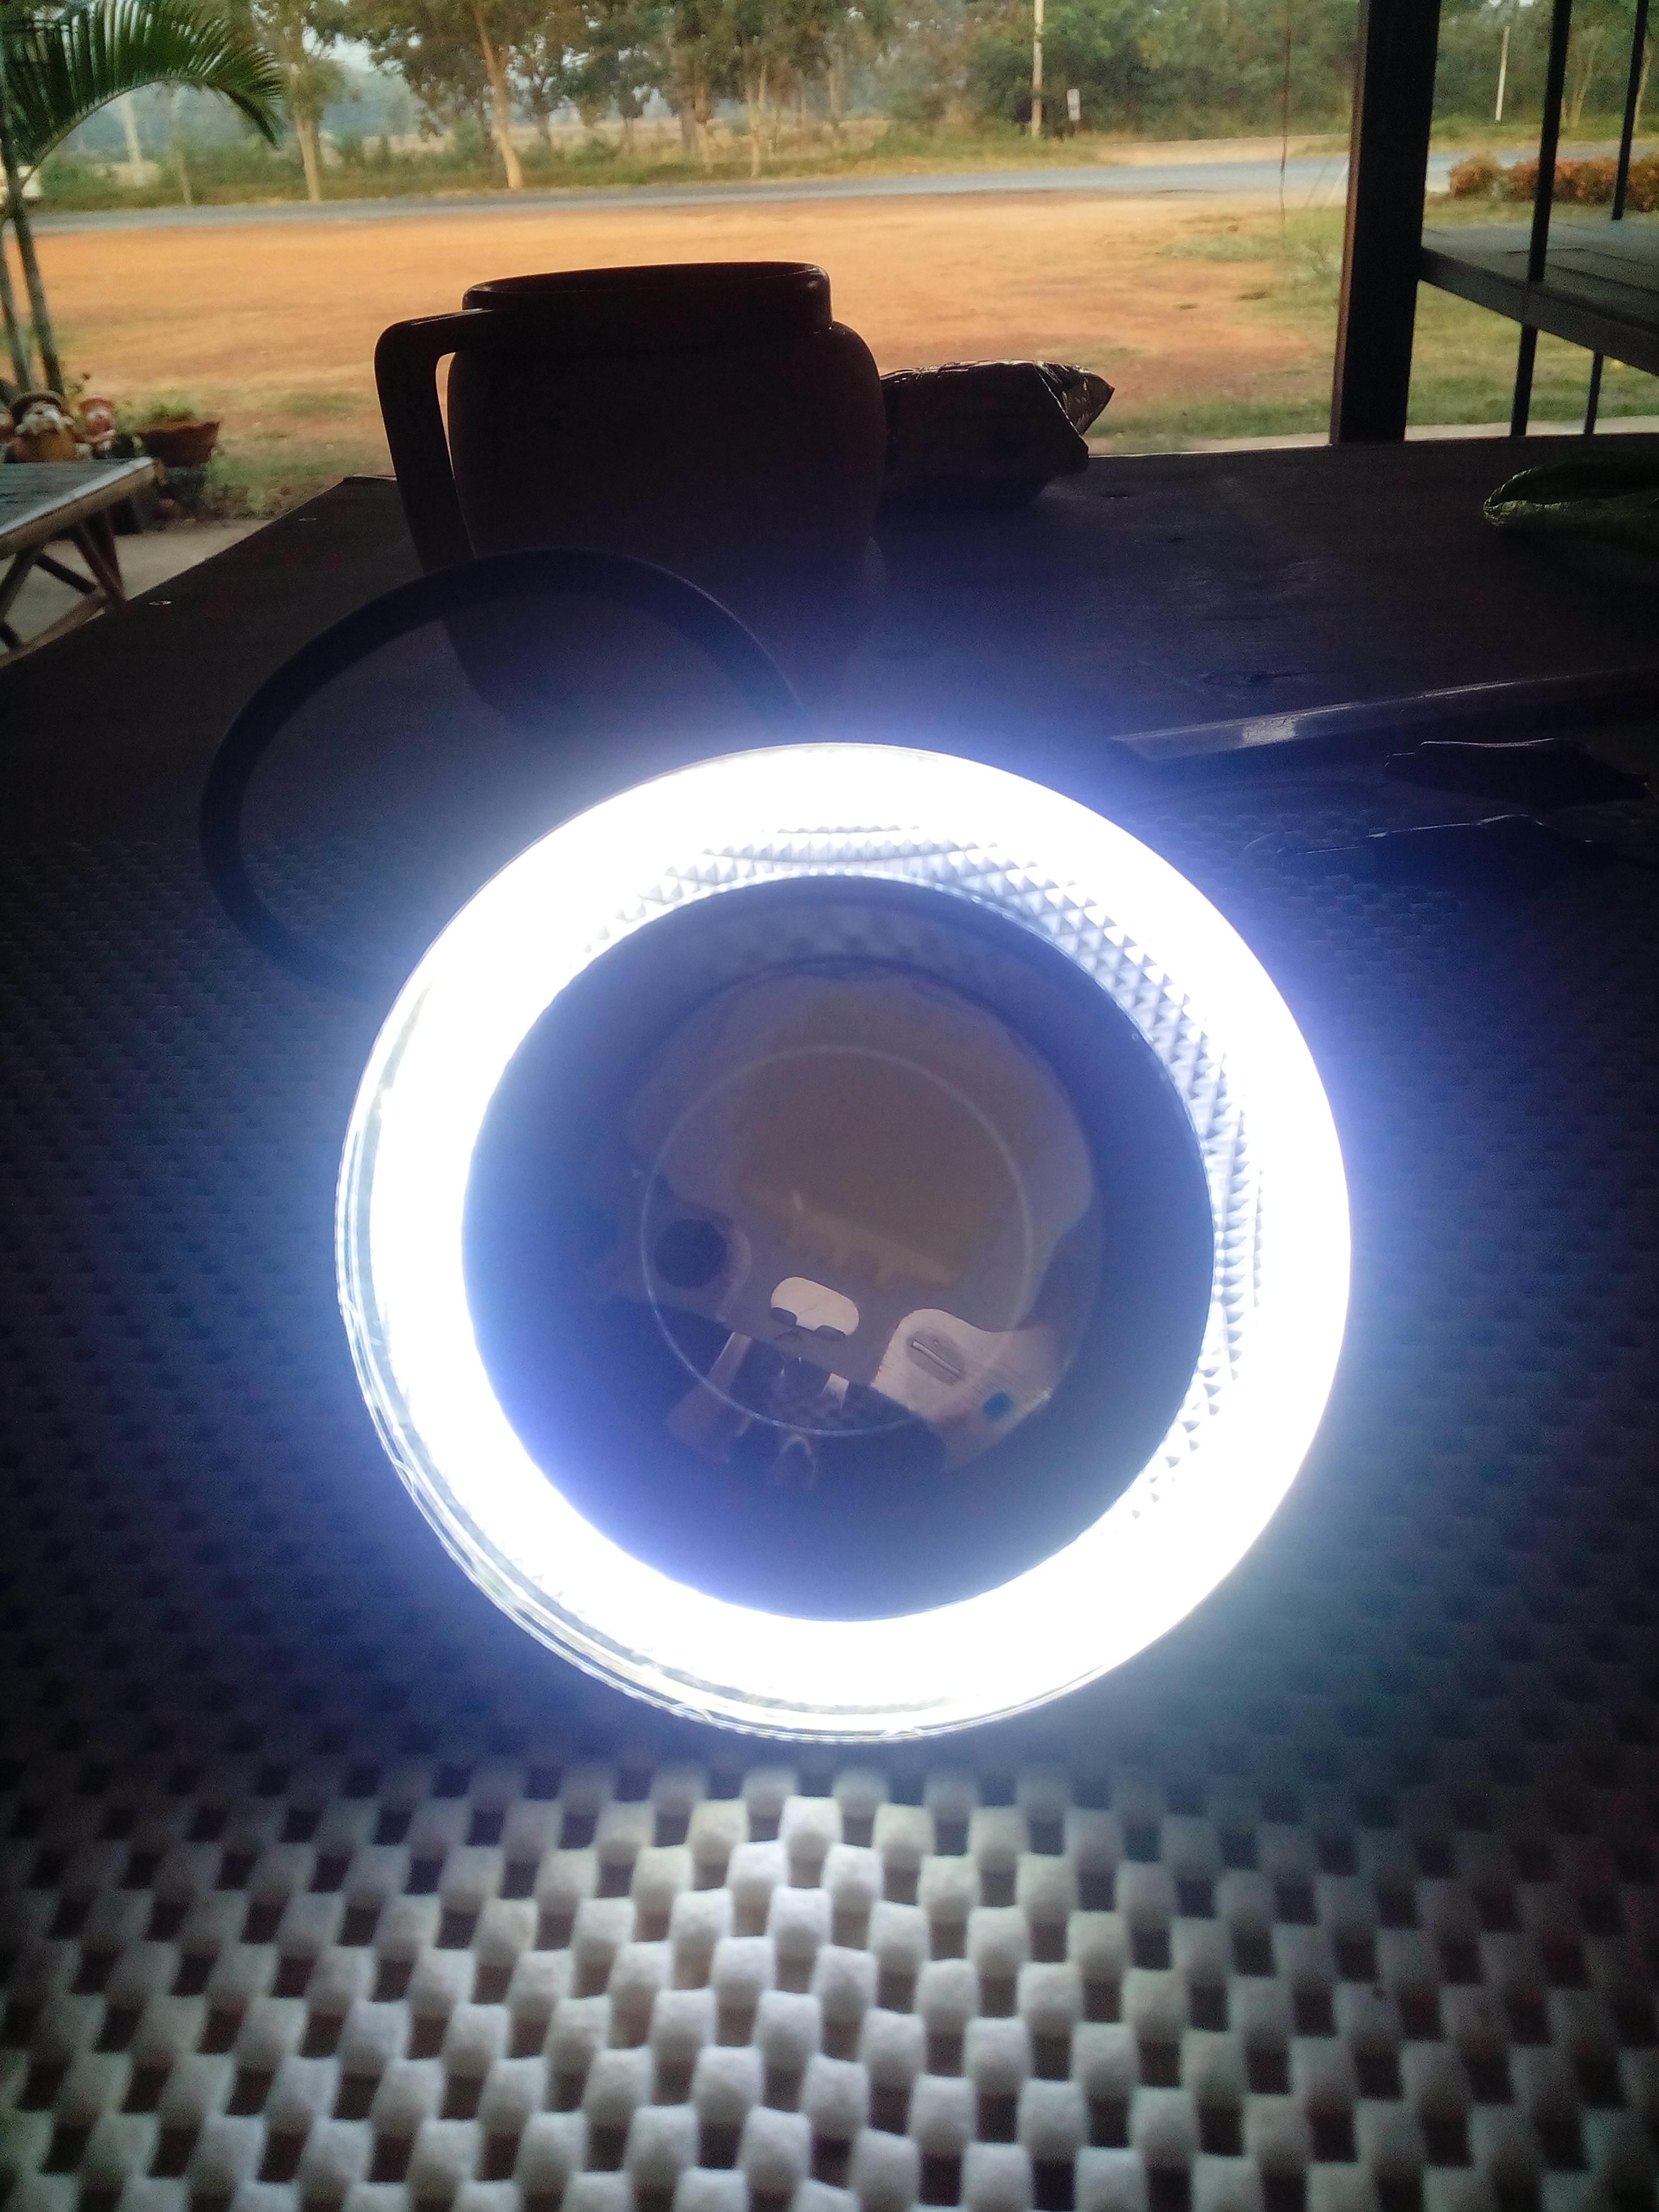 ไฟตัดหมอกหลอด LED แบบมีวงแหวนรอบนอกขนาด 3.5 นิ้ว